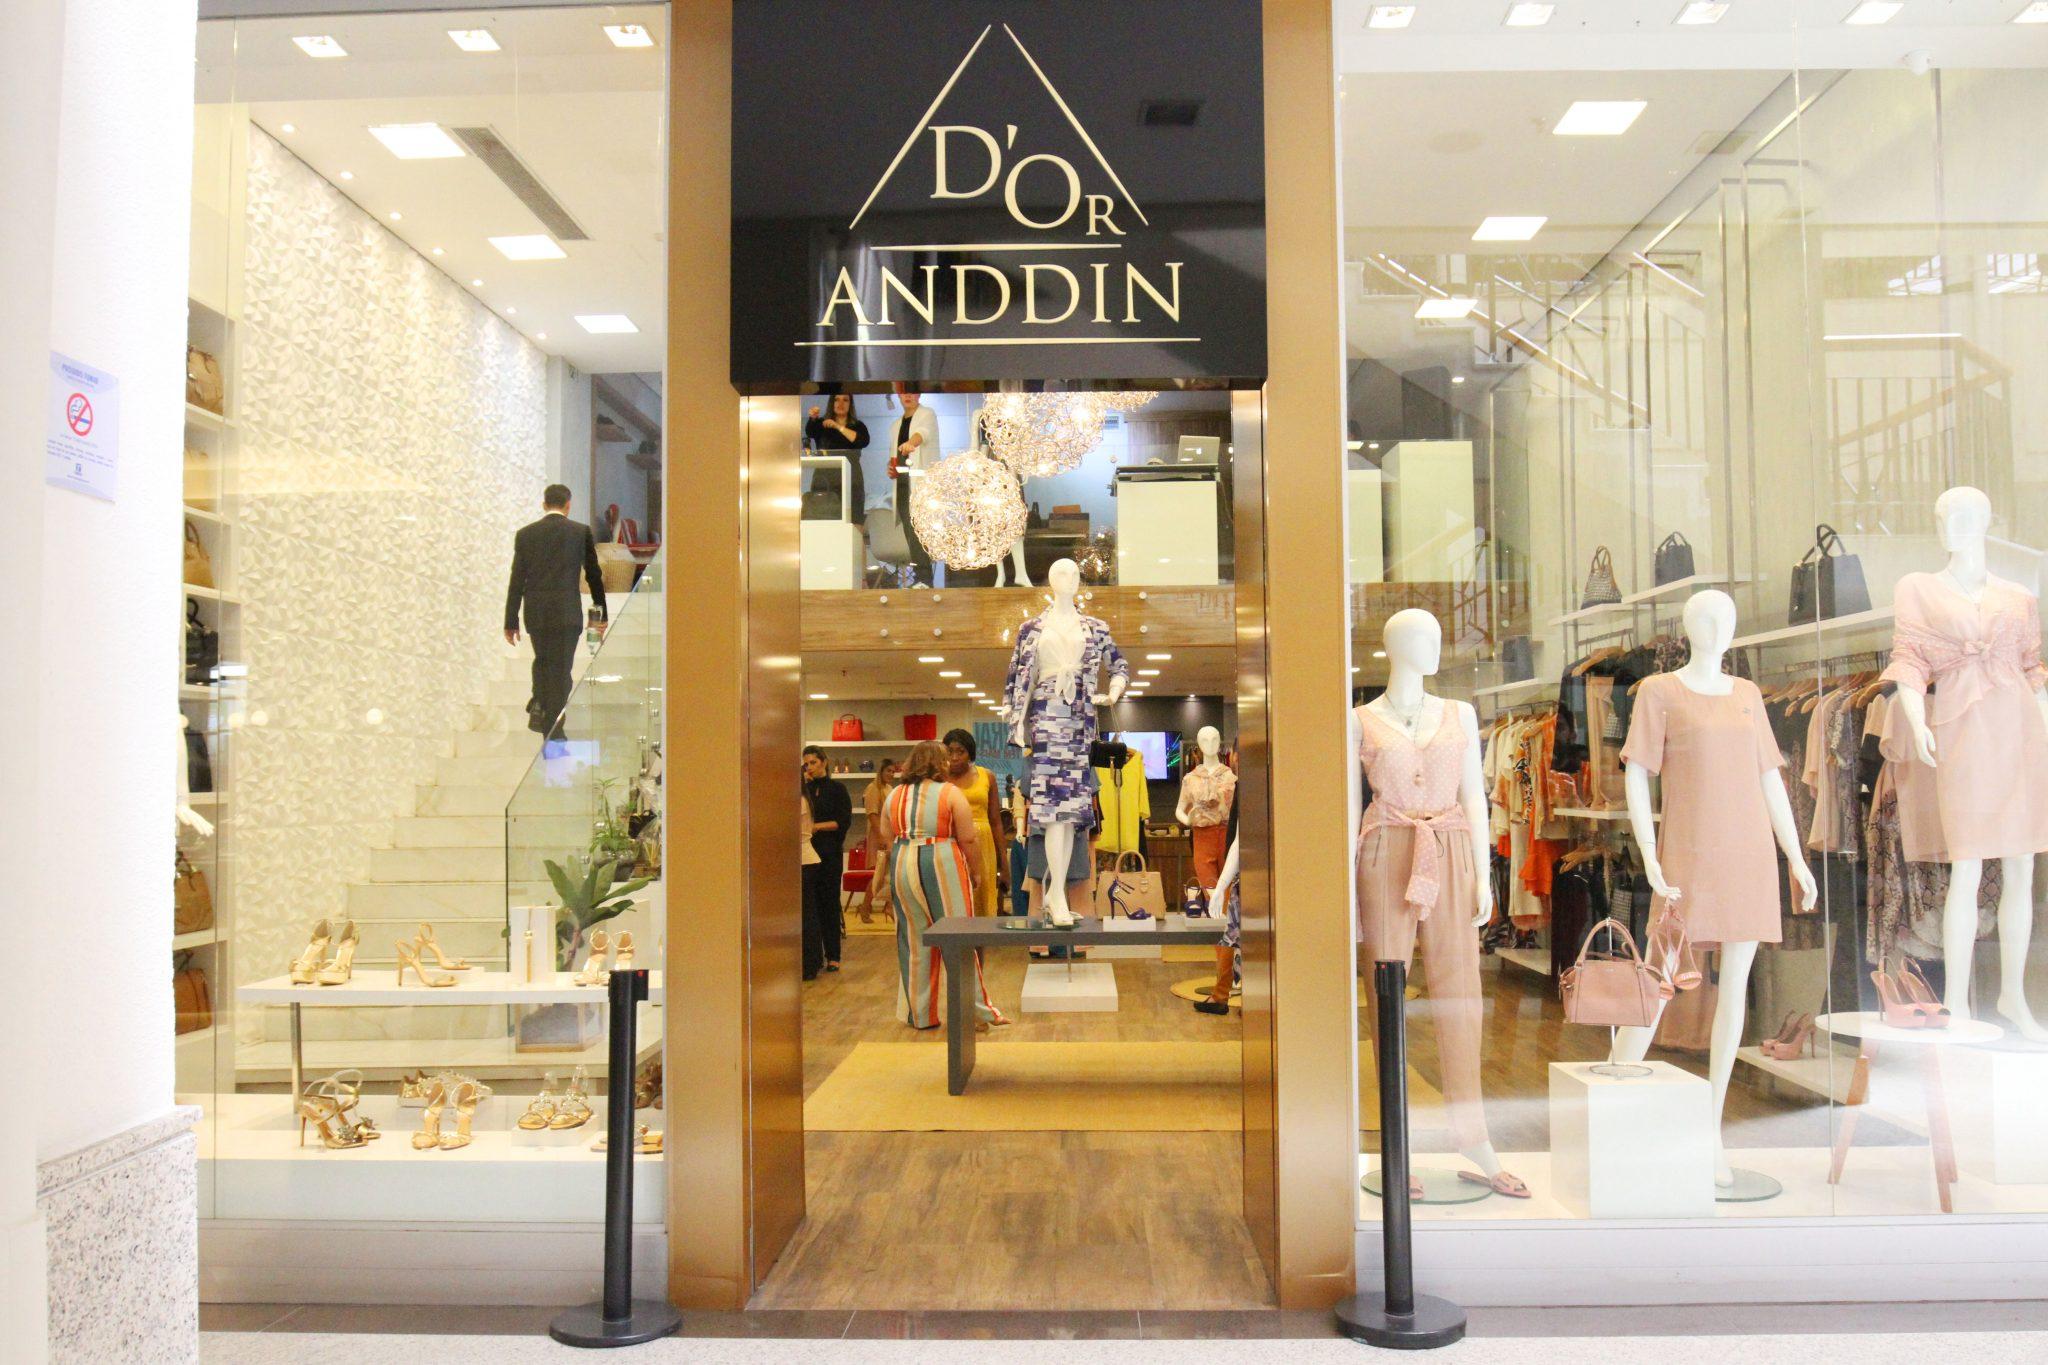 ea985d5ec Multimarcas D'Or Anddin inaugura no Terraço Shopping - Dicas da ...